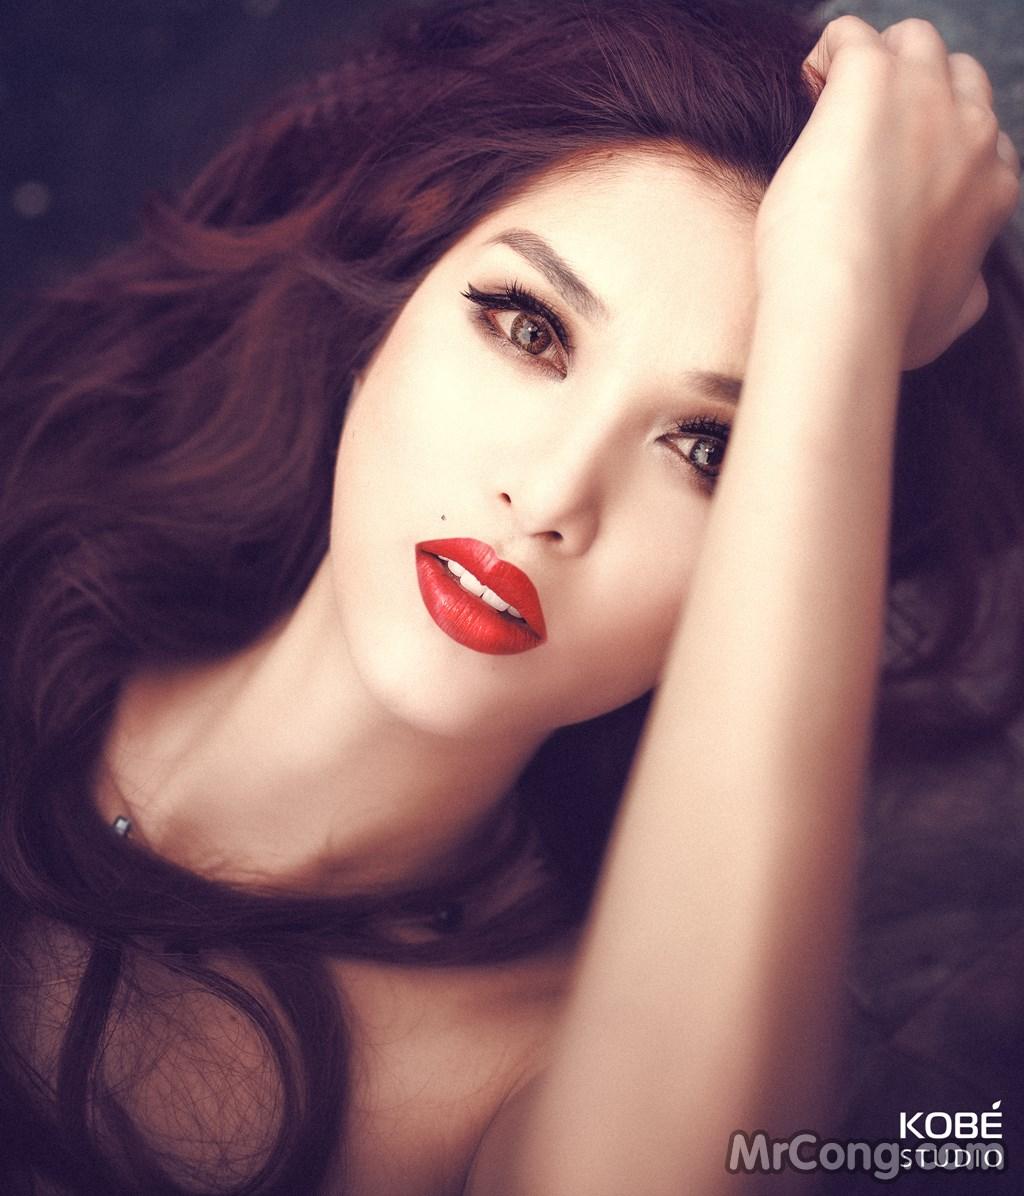 Image Gai-xinh-Viet-Nam-by-HK-Digital-MrCong.com-006 in post Người mẫu Việt sexy qua ống kính nhiếp ảnh gia Hoang HK (152 ảnh)